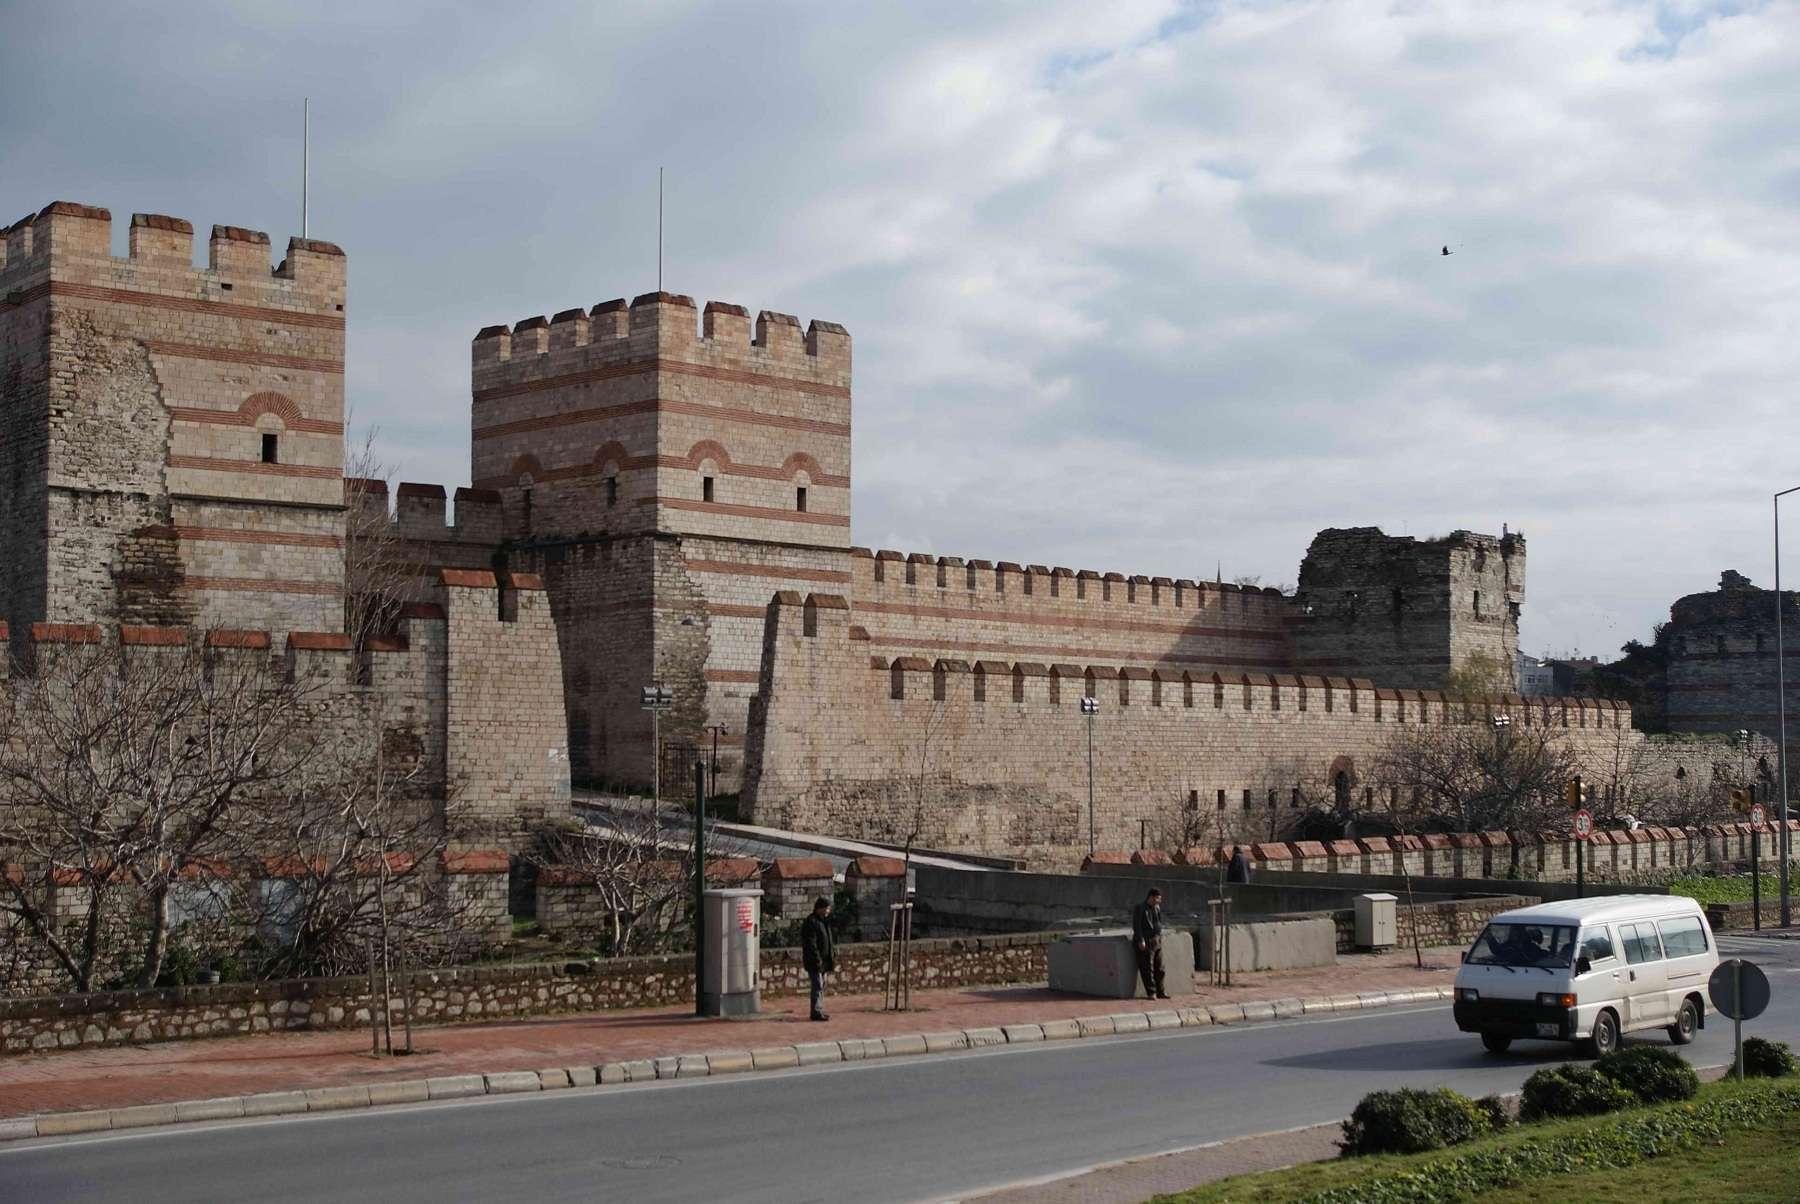 Οχυρωματικά τείχη της Κωνσταντινούπολης όπως σώζονται σήμερα.